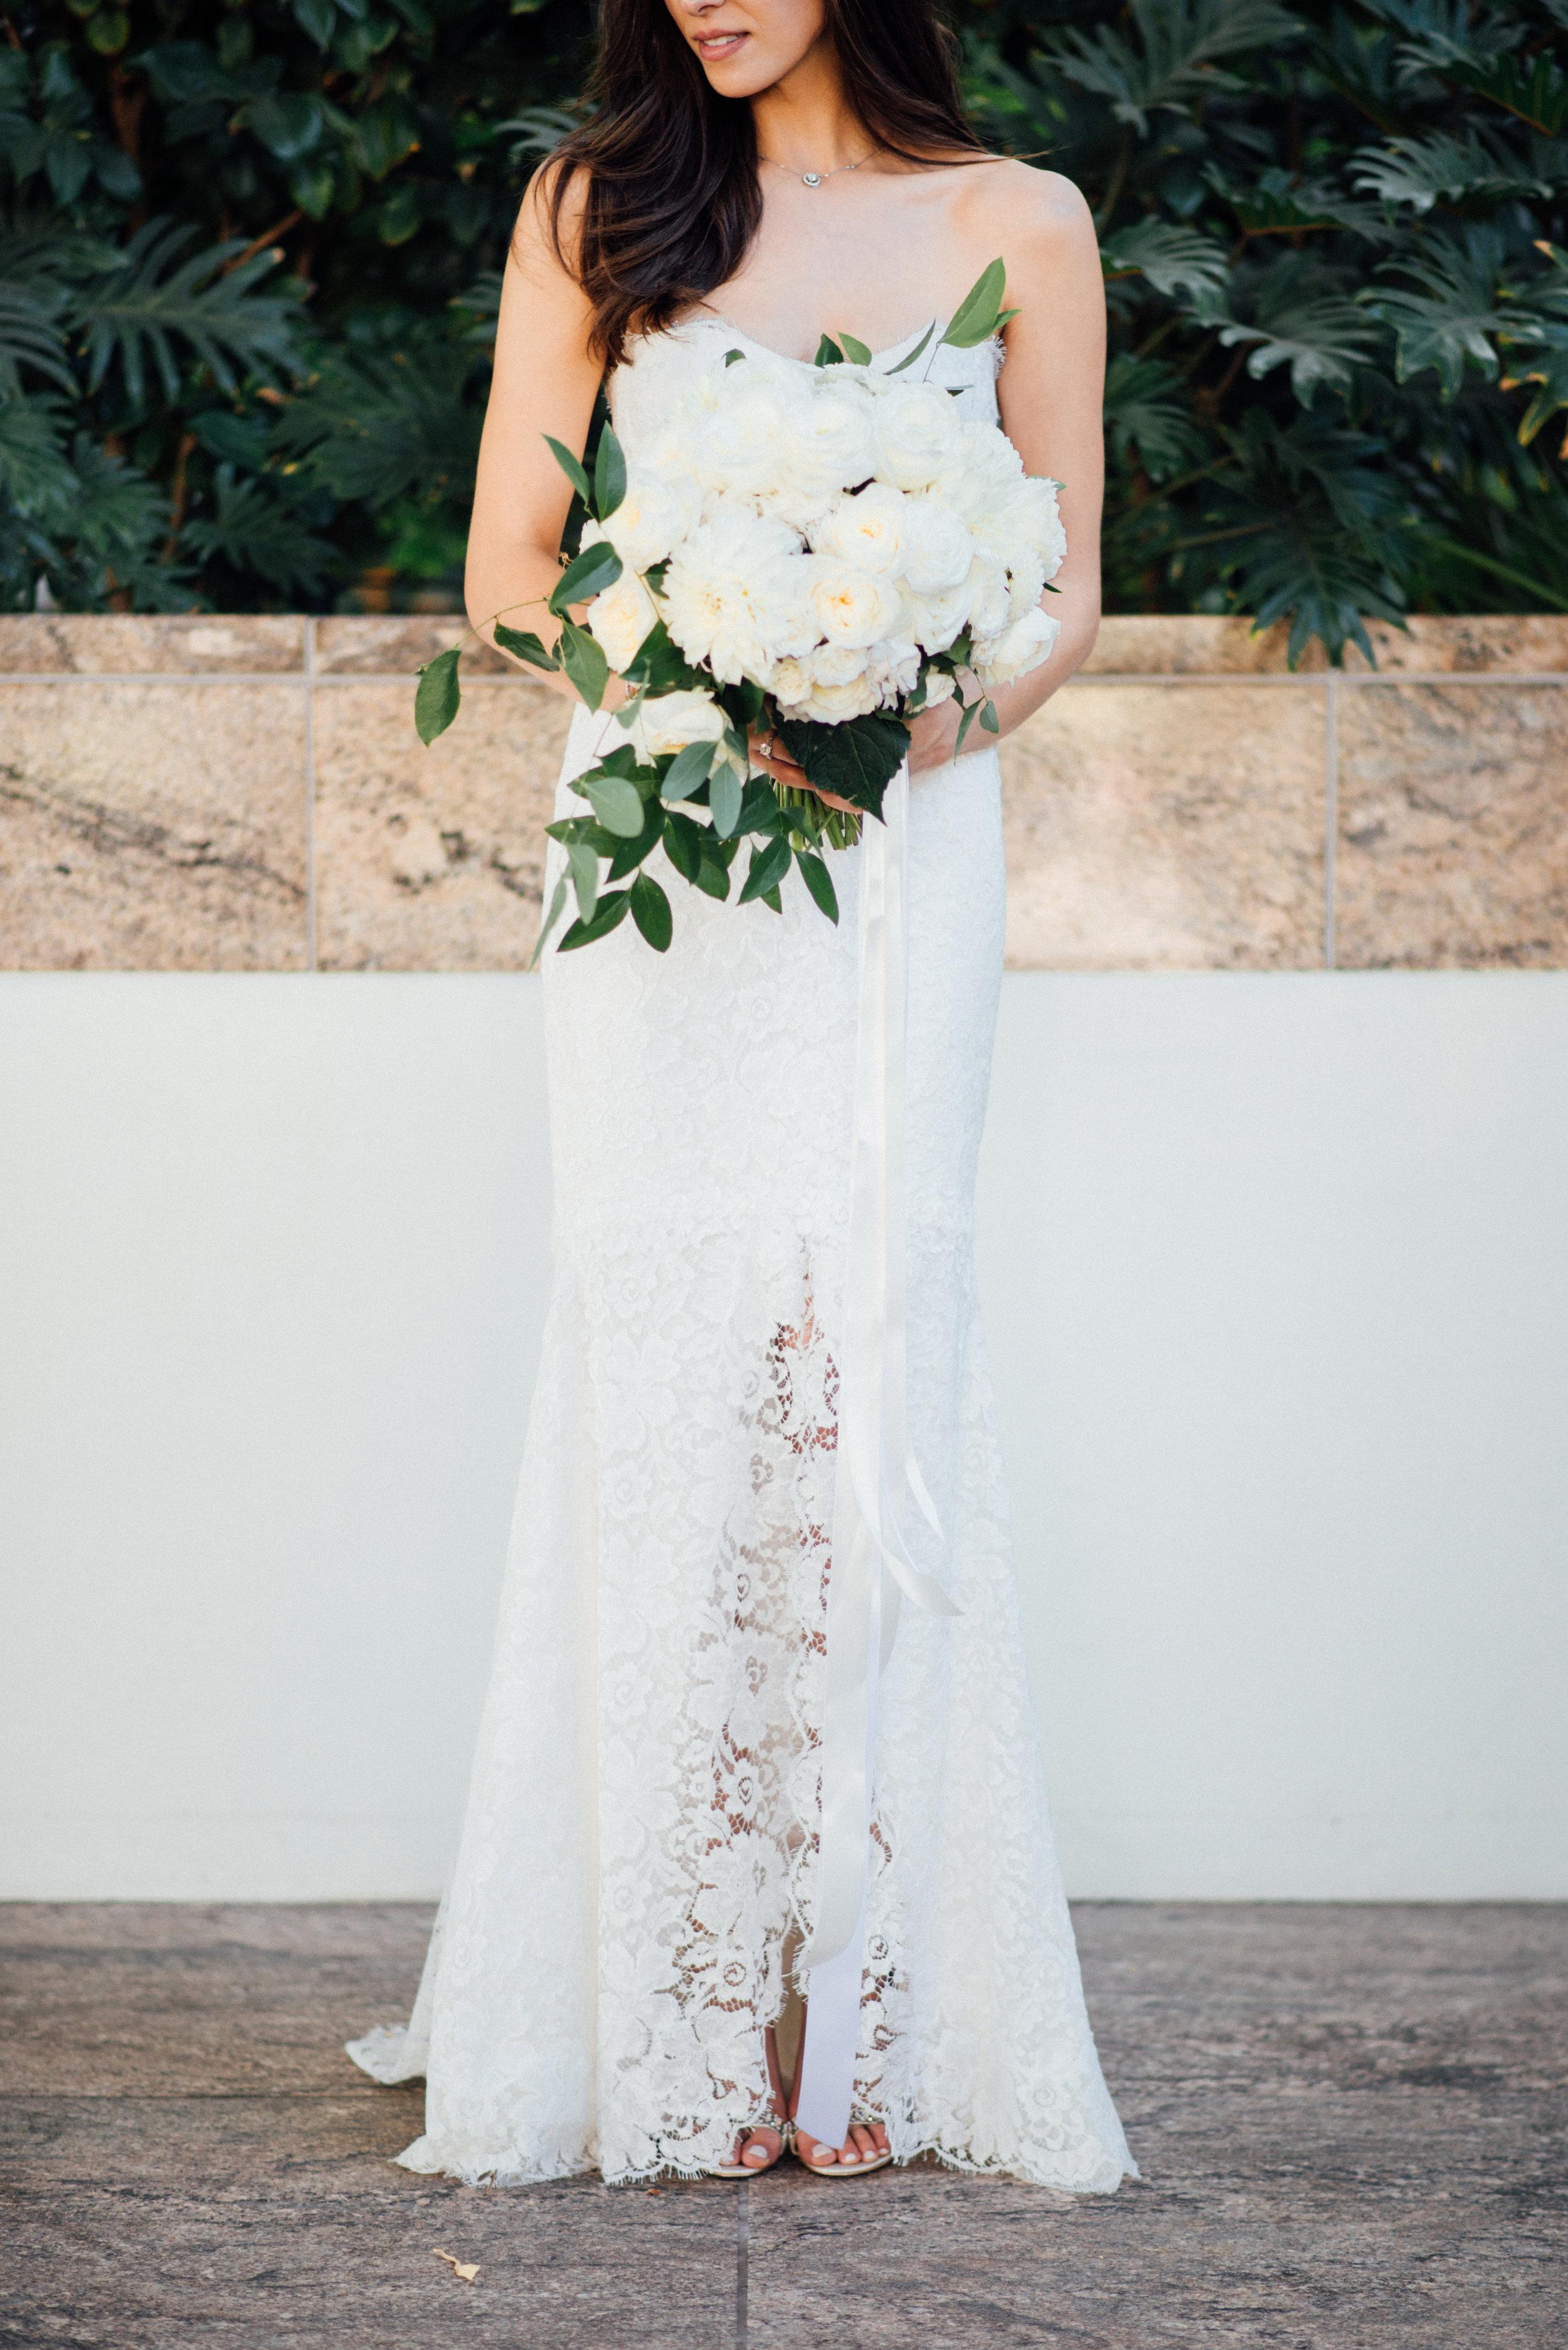 010 Bride + bouquet.jpg